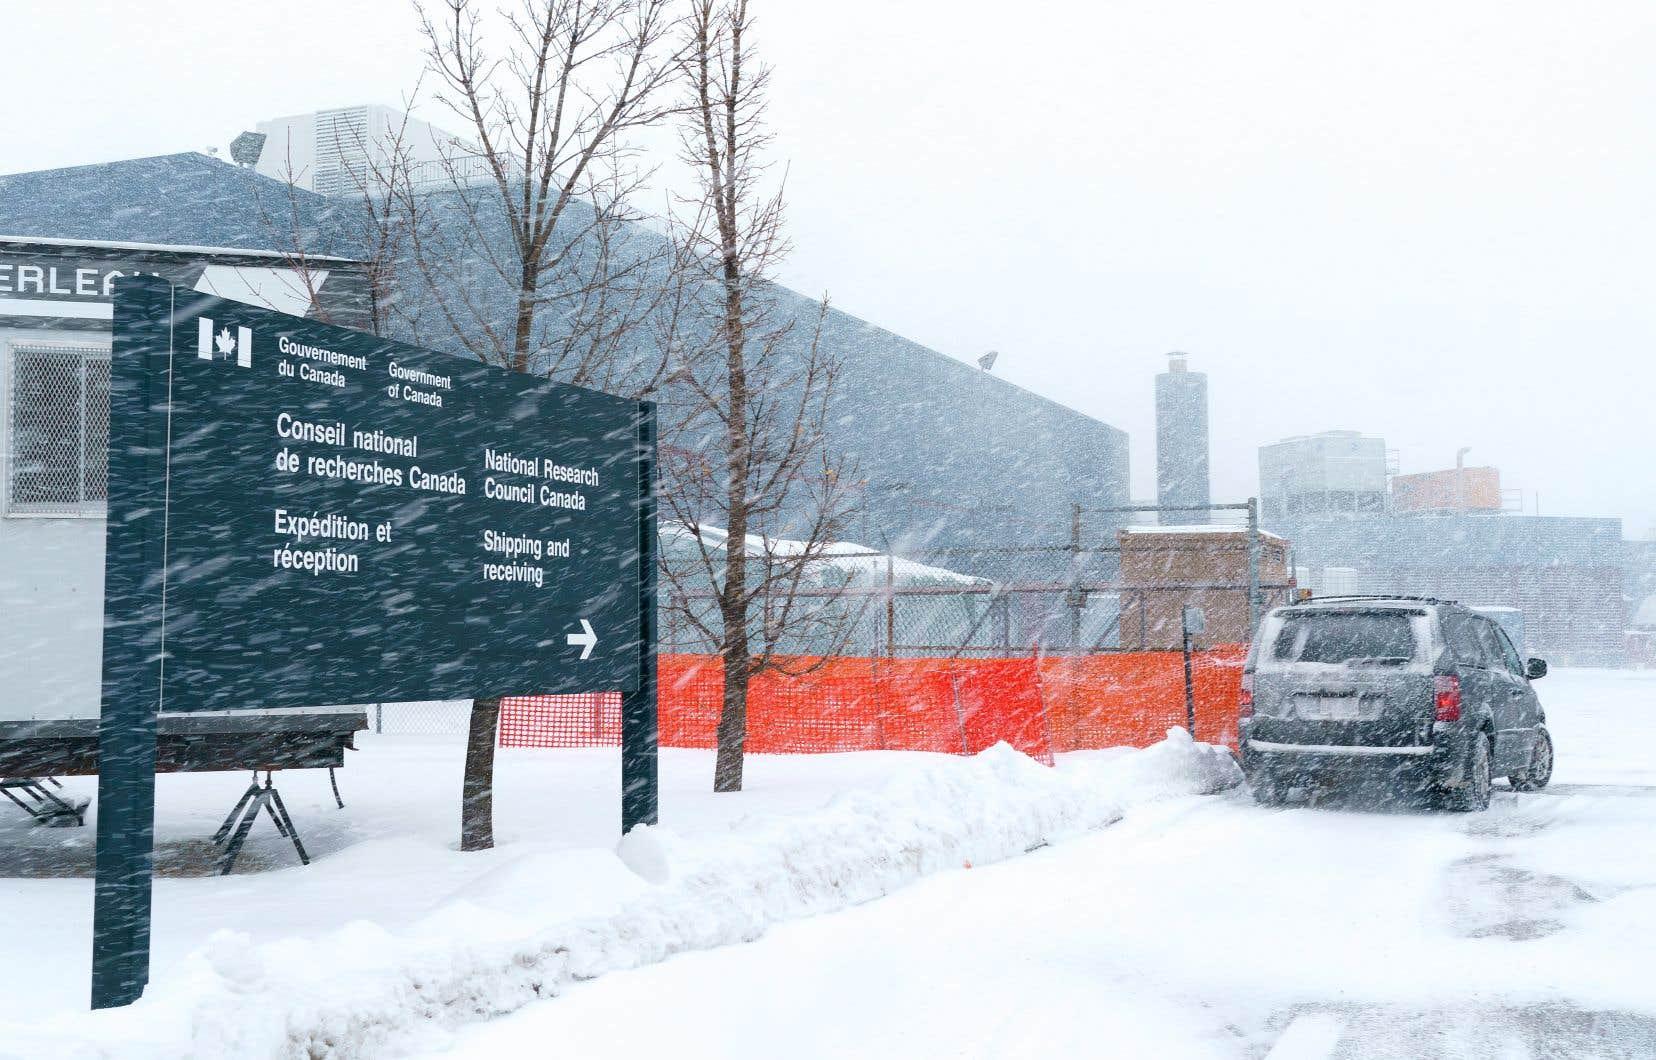 La nouvelle installation du Conseil national de recherches,à Montréal, où seront produit des doses Novavax de vaccin contre la COVID-19 lorsque le bâtiment sera terminé plus tard cette année